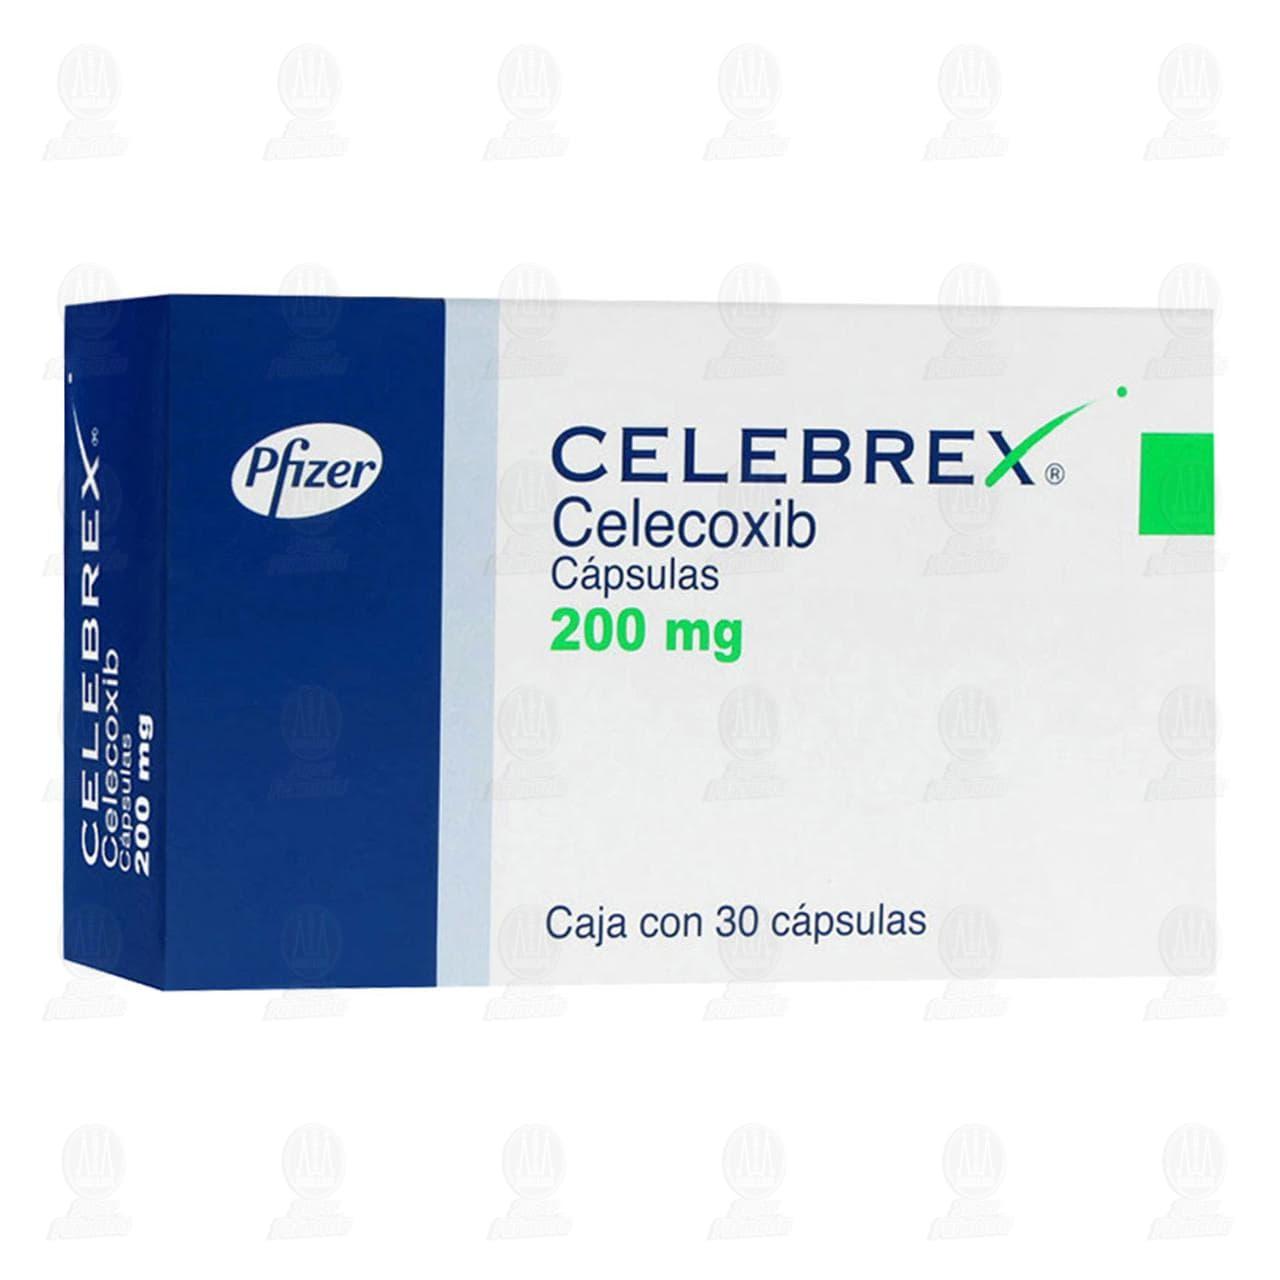 comprar https://www.movil.farmaciasguadalajara.com/wcsstore/FGCAS/wcs/products/900990_A_1280_AL.jpg en farmacias guadalajara